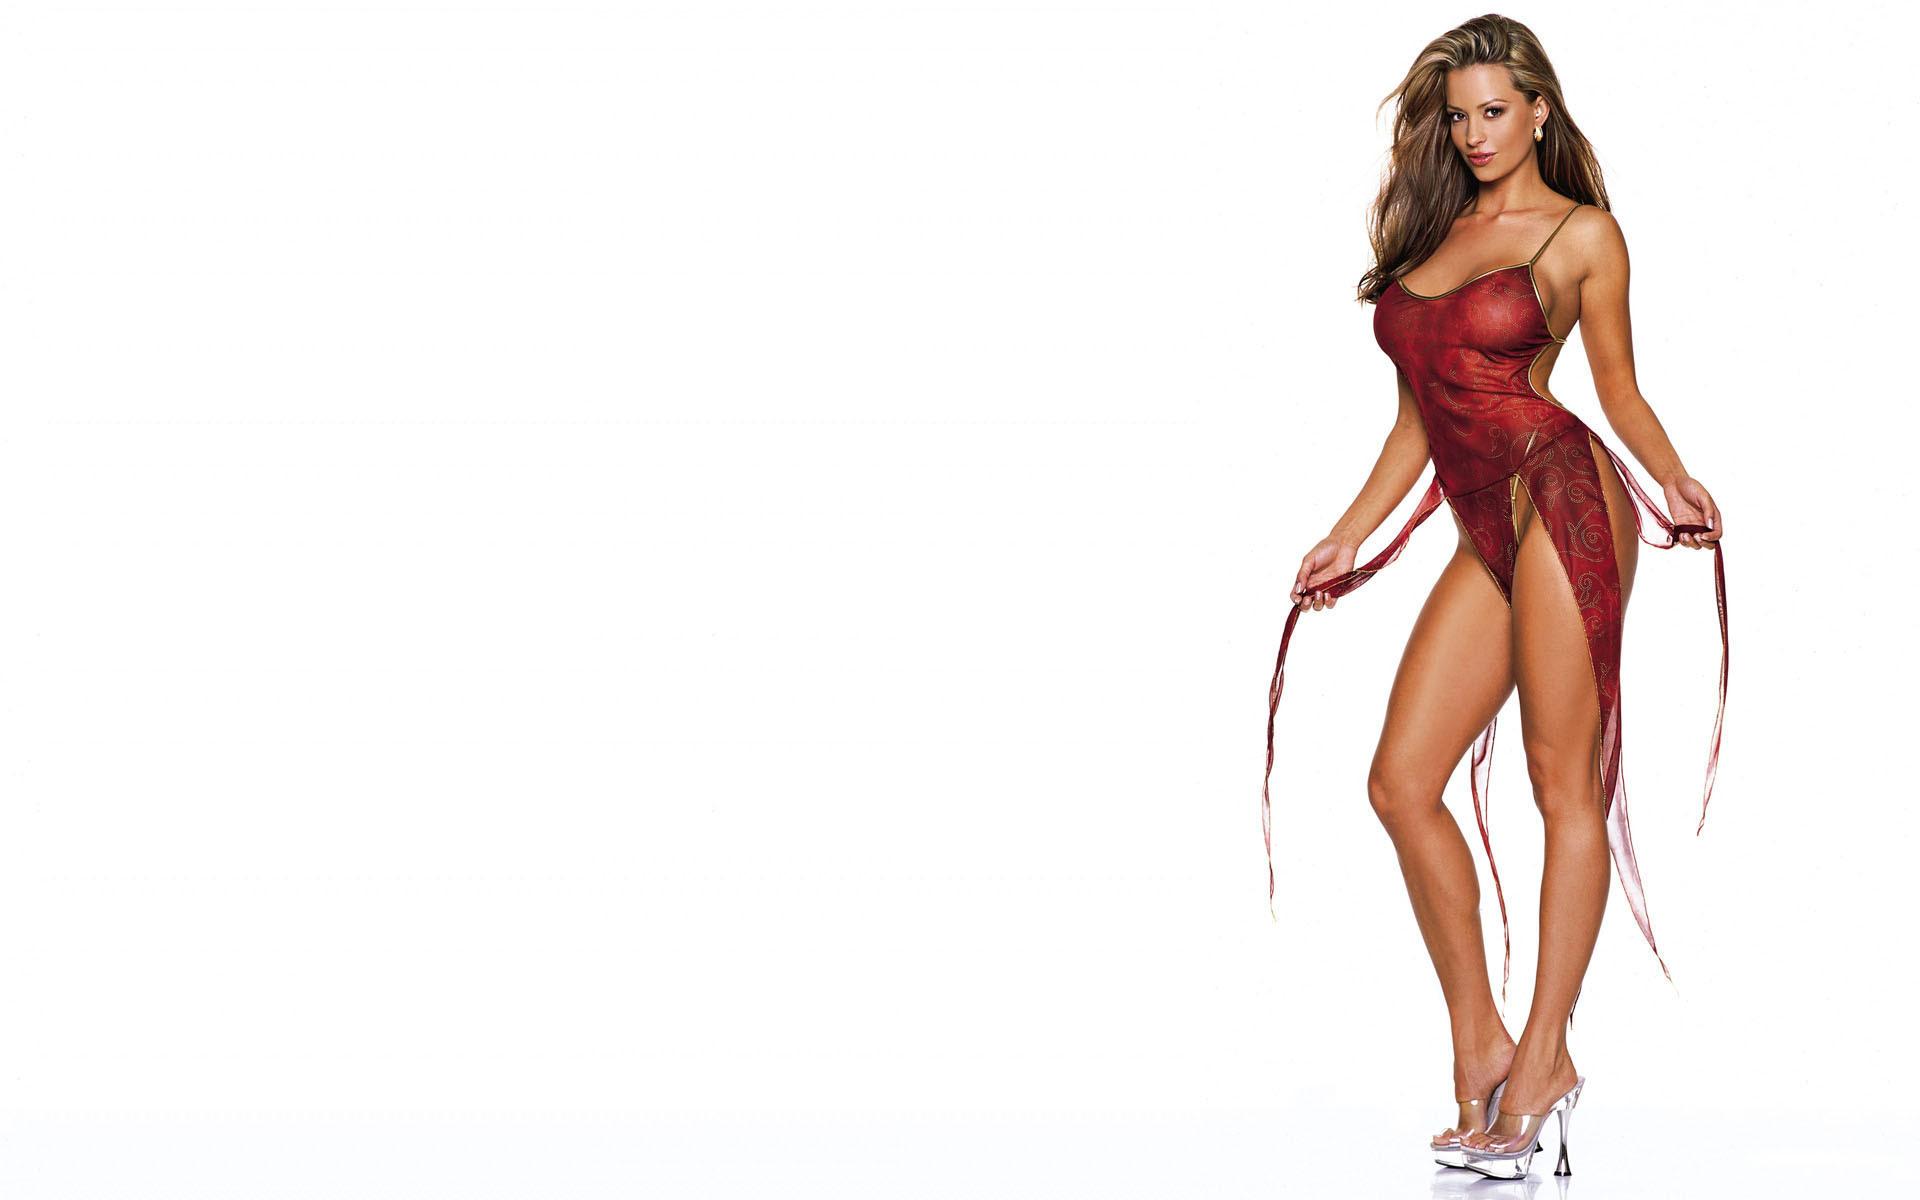 Candice diva michelle desnuda foto wwe